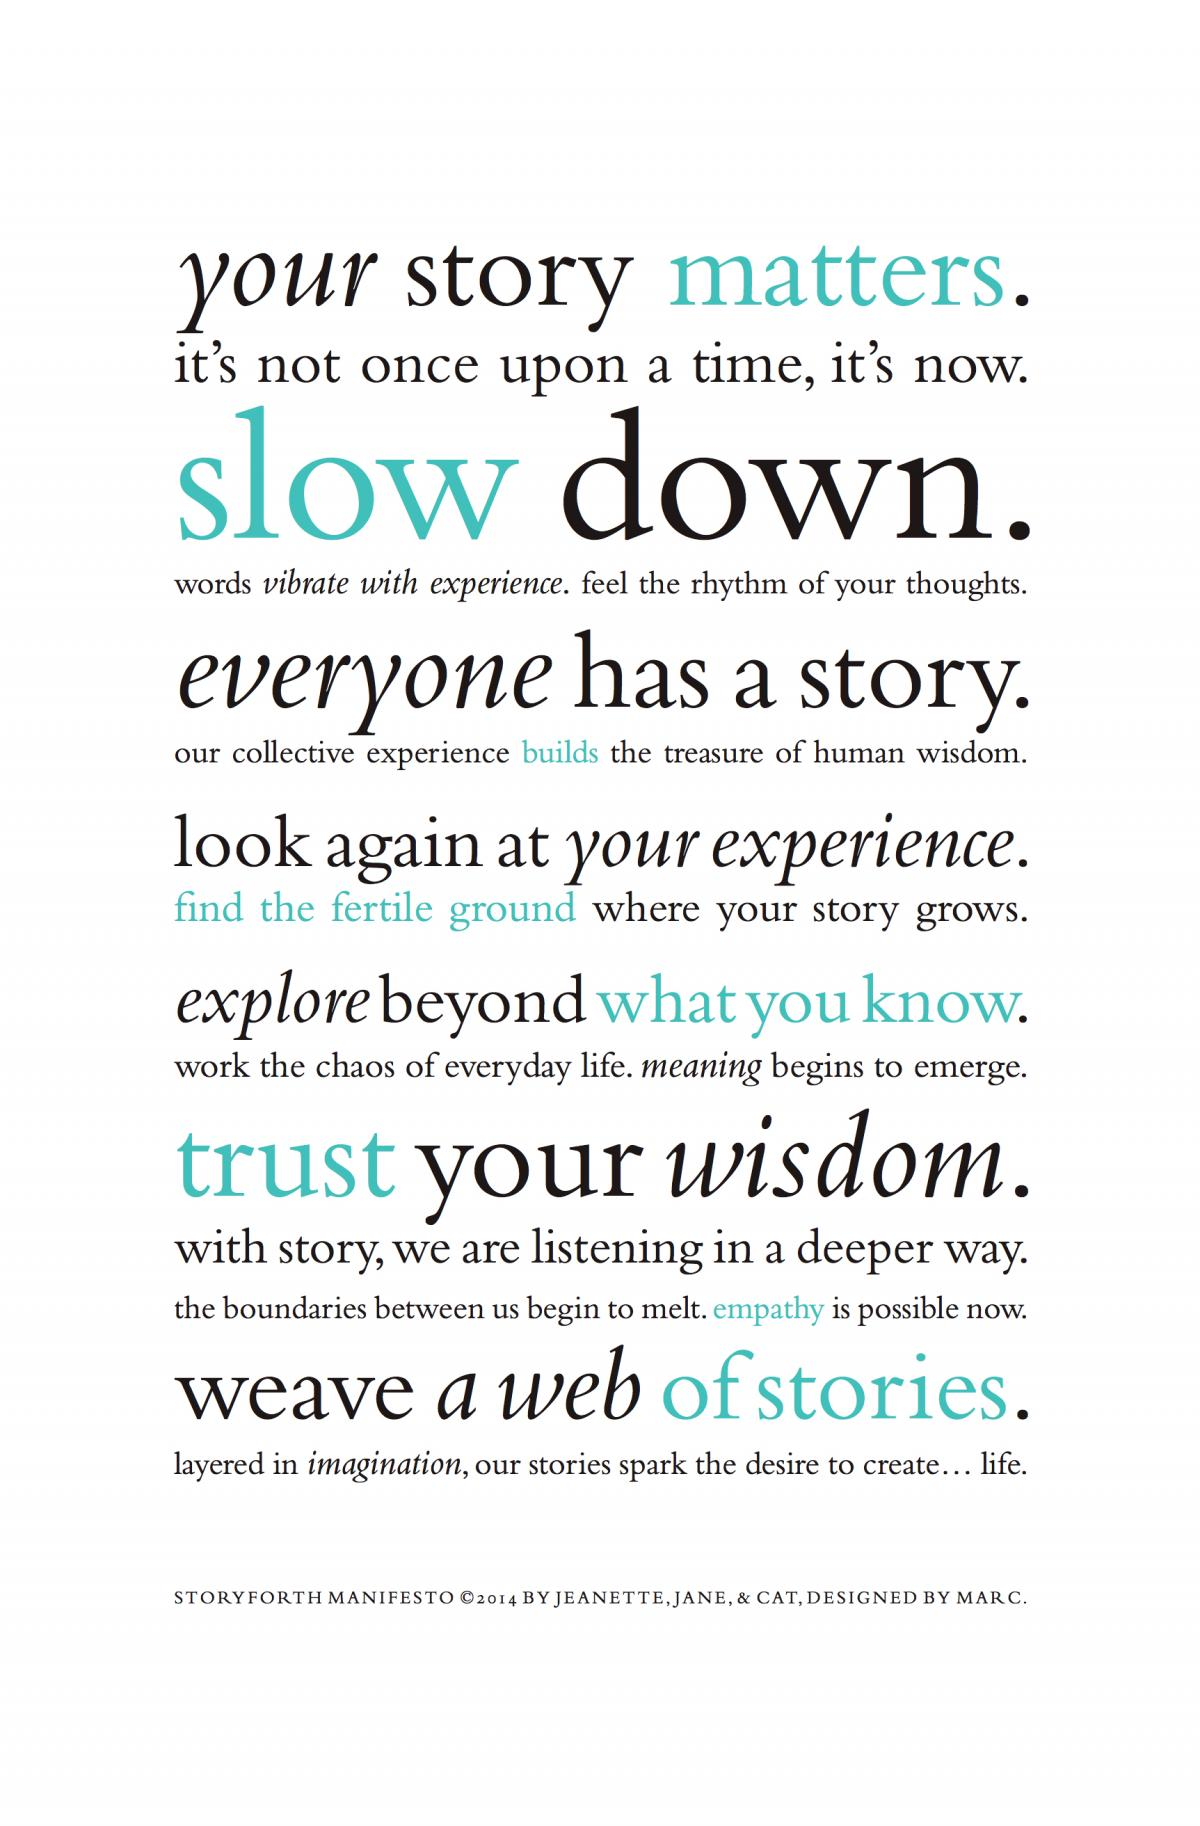 Storyforth Manifesto